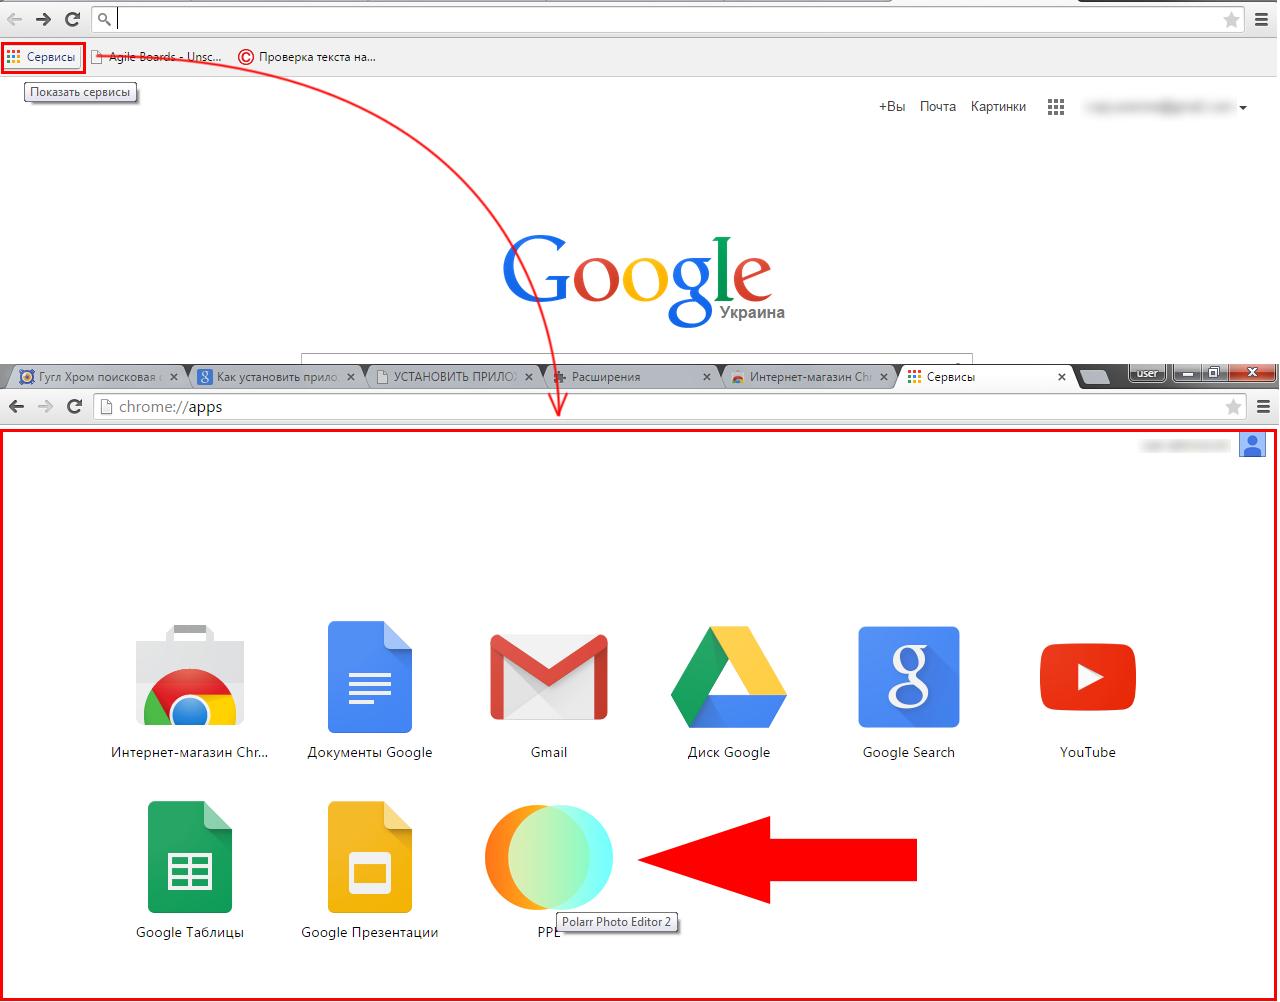 Гугл Хром: как создать визуальные закладки и добавлять тему